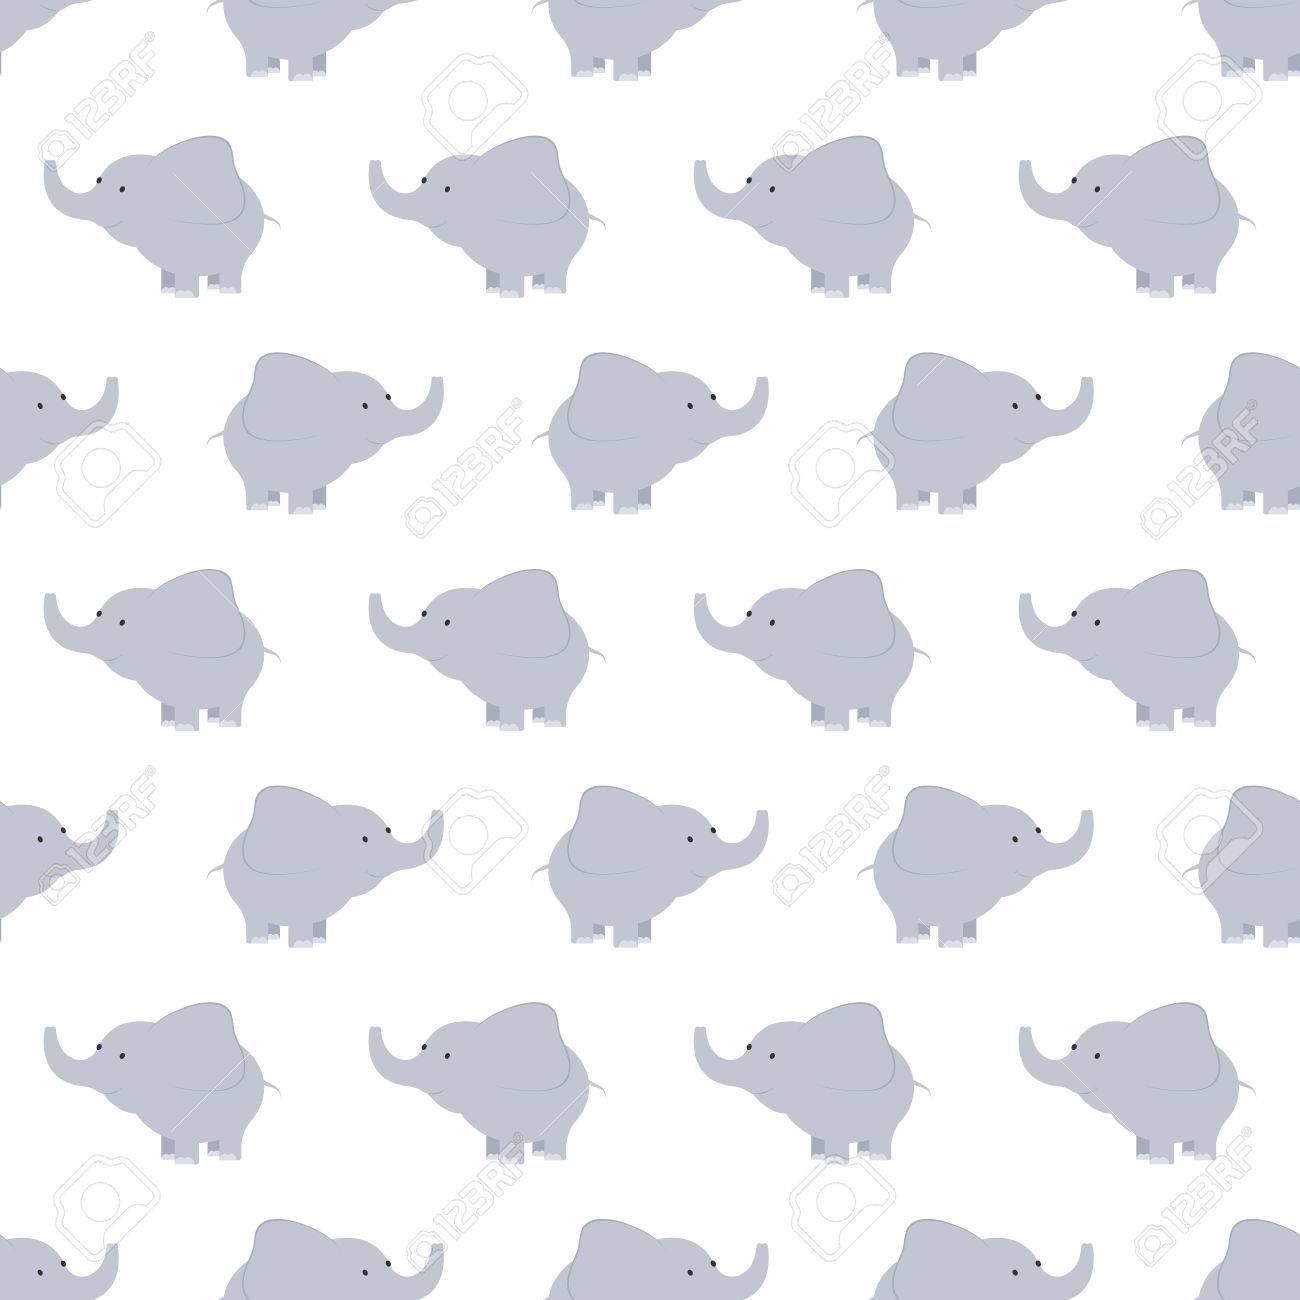 Modelo De Elefantes Azules Y Grises. Fondo Con Los Elefantes. Patrón ...